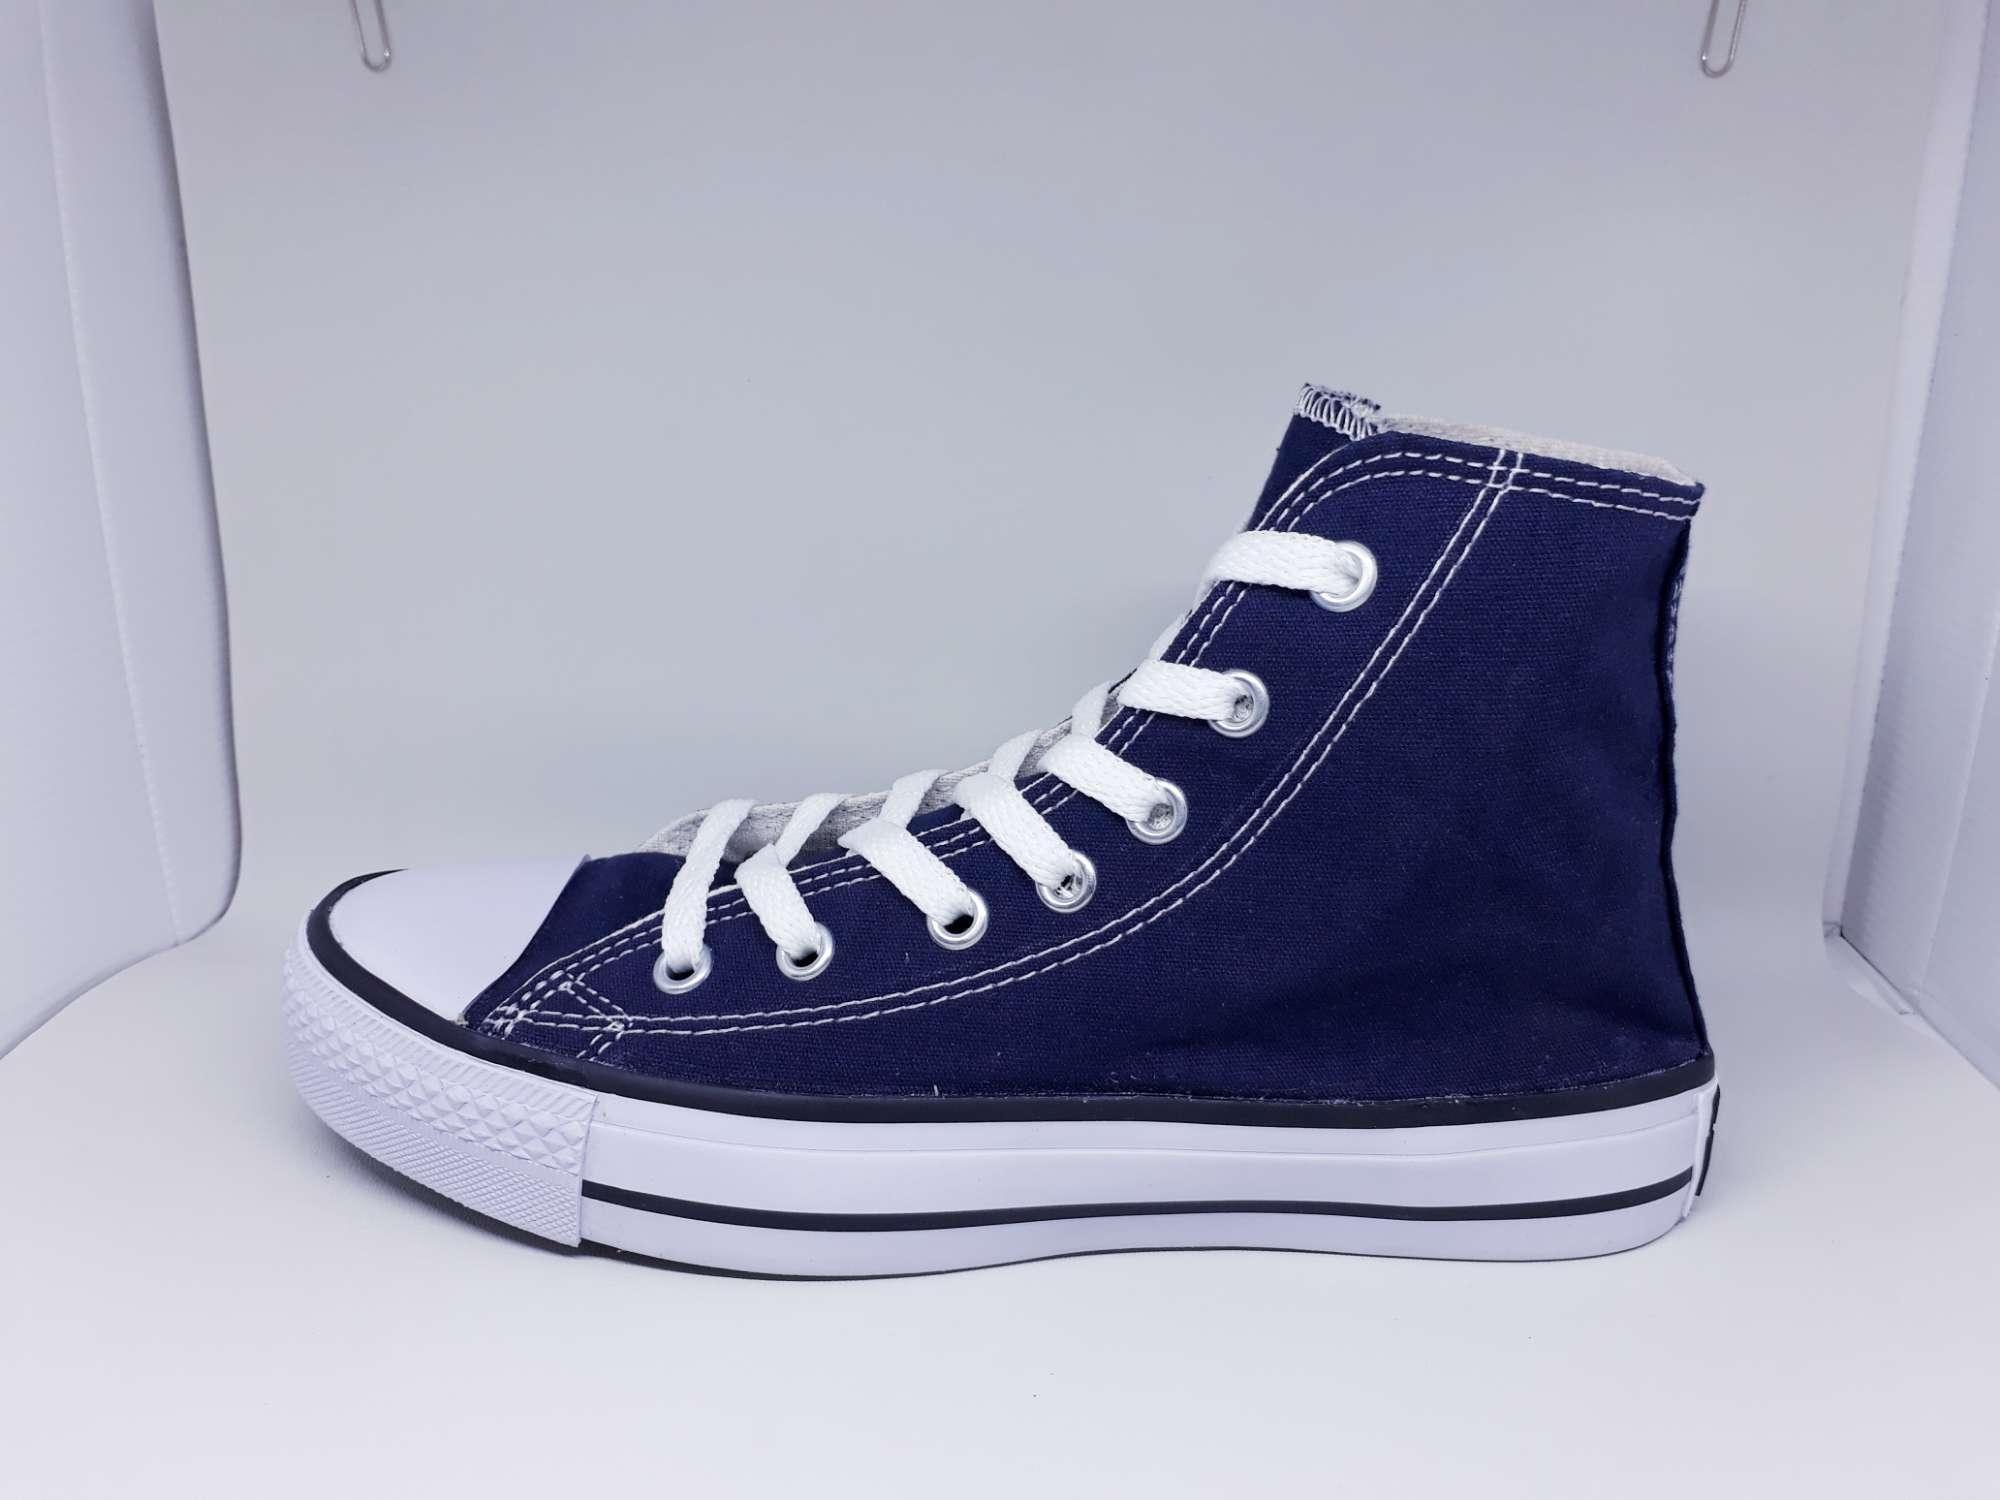 Sepatu Converse Ct All Star Classic Hi Navy